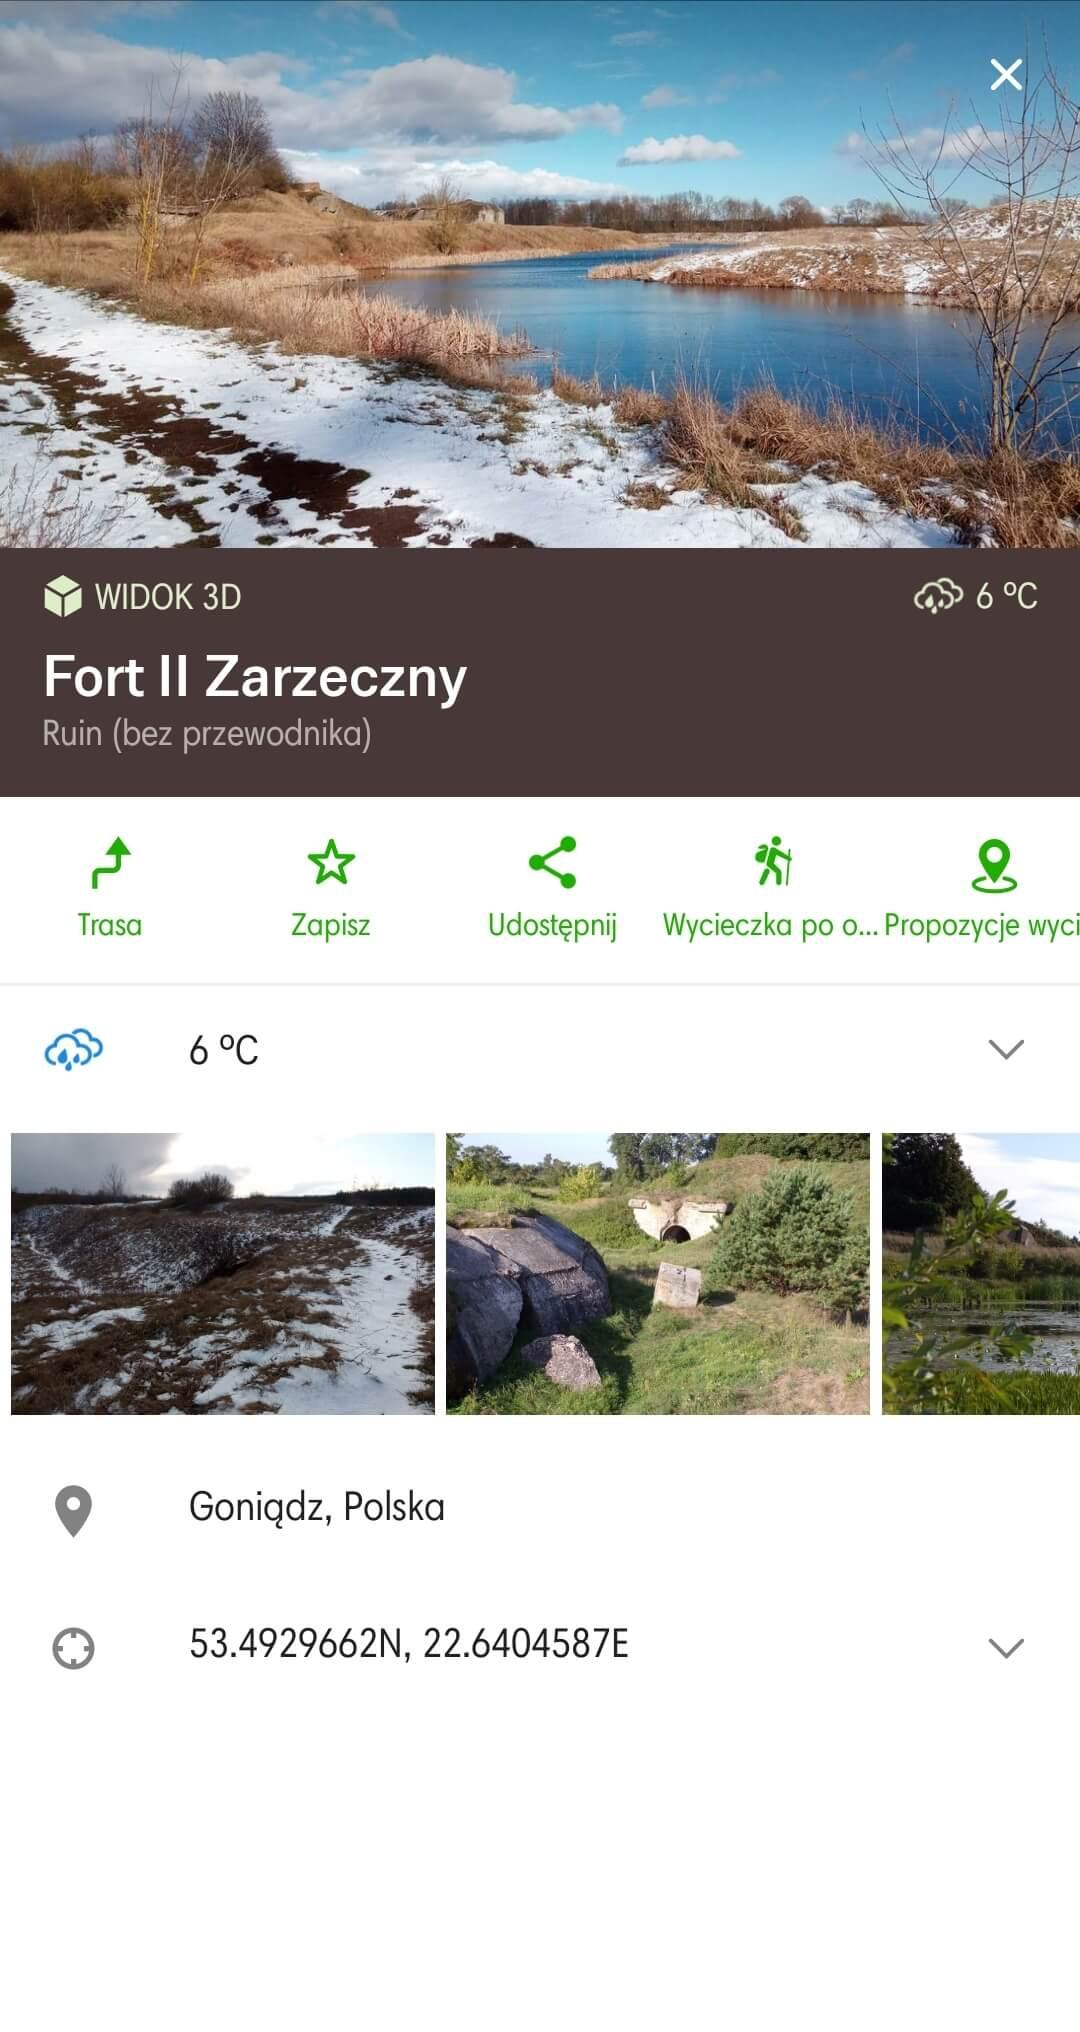 wyznaczanie trasy pieszej i rowerowej aplikacja mapy